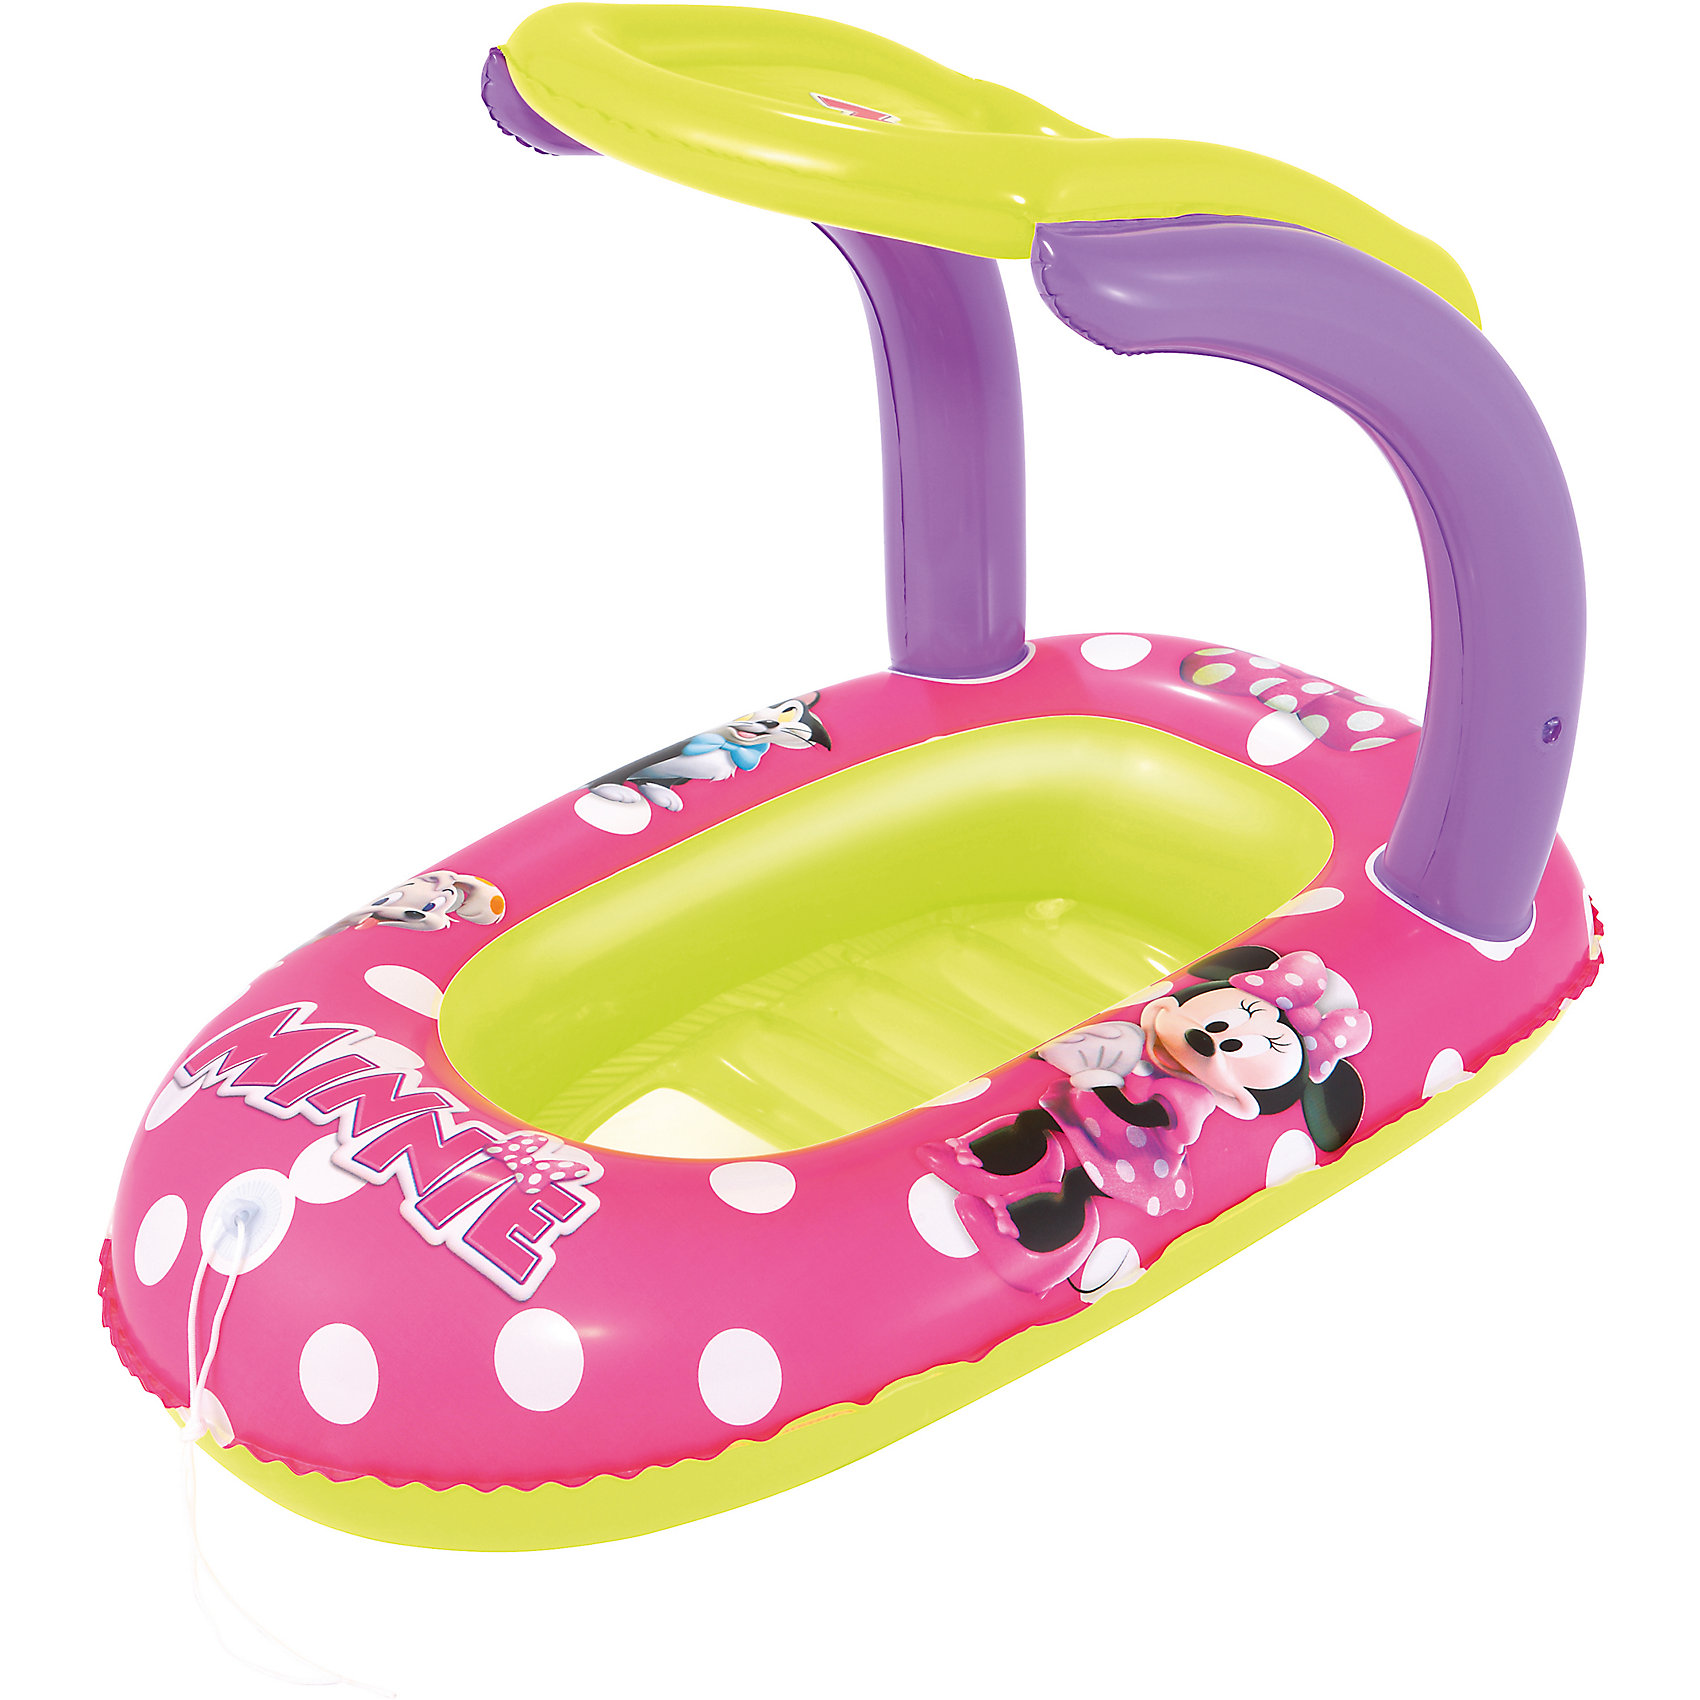 Надувная лодочка с тентом, Минни Маус, BestwayМатрасы и лодки<br>Надувная лодочка с тентом, Минни Маус, Bestway (Бествей)<br><br>Характеристики:<br><br>• тент для защиты от солнца<br>• небольшое окошко<br>• материал: ПВХ<br>• размер: 112х71 см<br>• размер упаковки: 6х19,5х20 см<br>• вес: 683 грамма<br><br>Надувная лодочка Bestway поможет вам разнообразить досуг ребенка во время летнего отдыха. Лодка оснащена небольшим отверстием на две и тентом для защиты от солнца. Изделие выполнено из прочного поливинилхлорида. Поверхность лодочки оформлена красочным изображением персонажей мультфильма о Микки-Маусе.<br><br>Надувную лодочку с тентом, Минни Маус, Bestway (Бествей) можно купить в нашем интернет-магазине.<br><br>Ширина мм: 420<br>Глубина мм: 390<br>Высота мм: 220<br>Вес г: 683<br>Возраст от месяцев: 36<br>Возраст до месяцев: 72<br>Пол: Женский<br>Возраст: Детский<br>SKU: 5486971